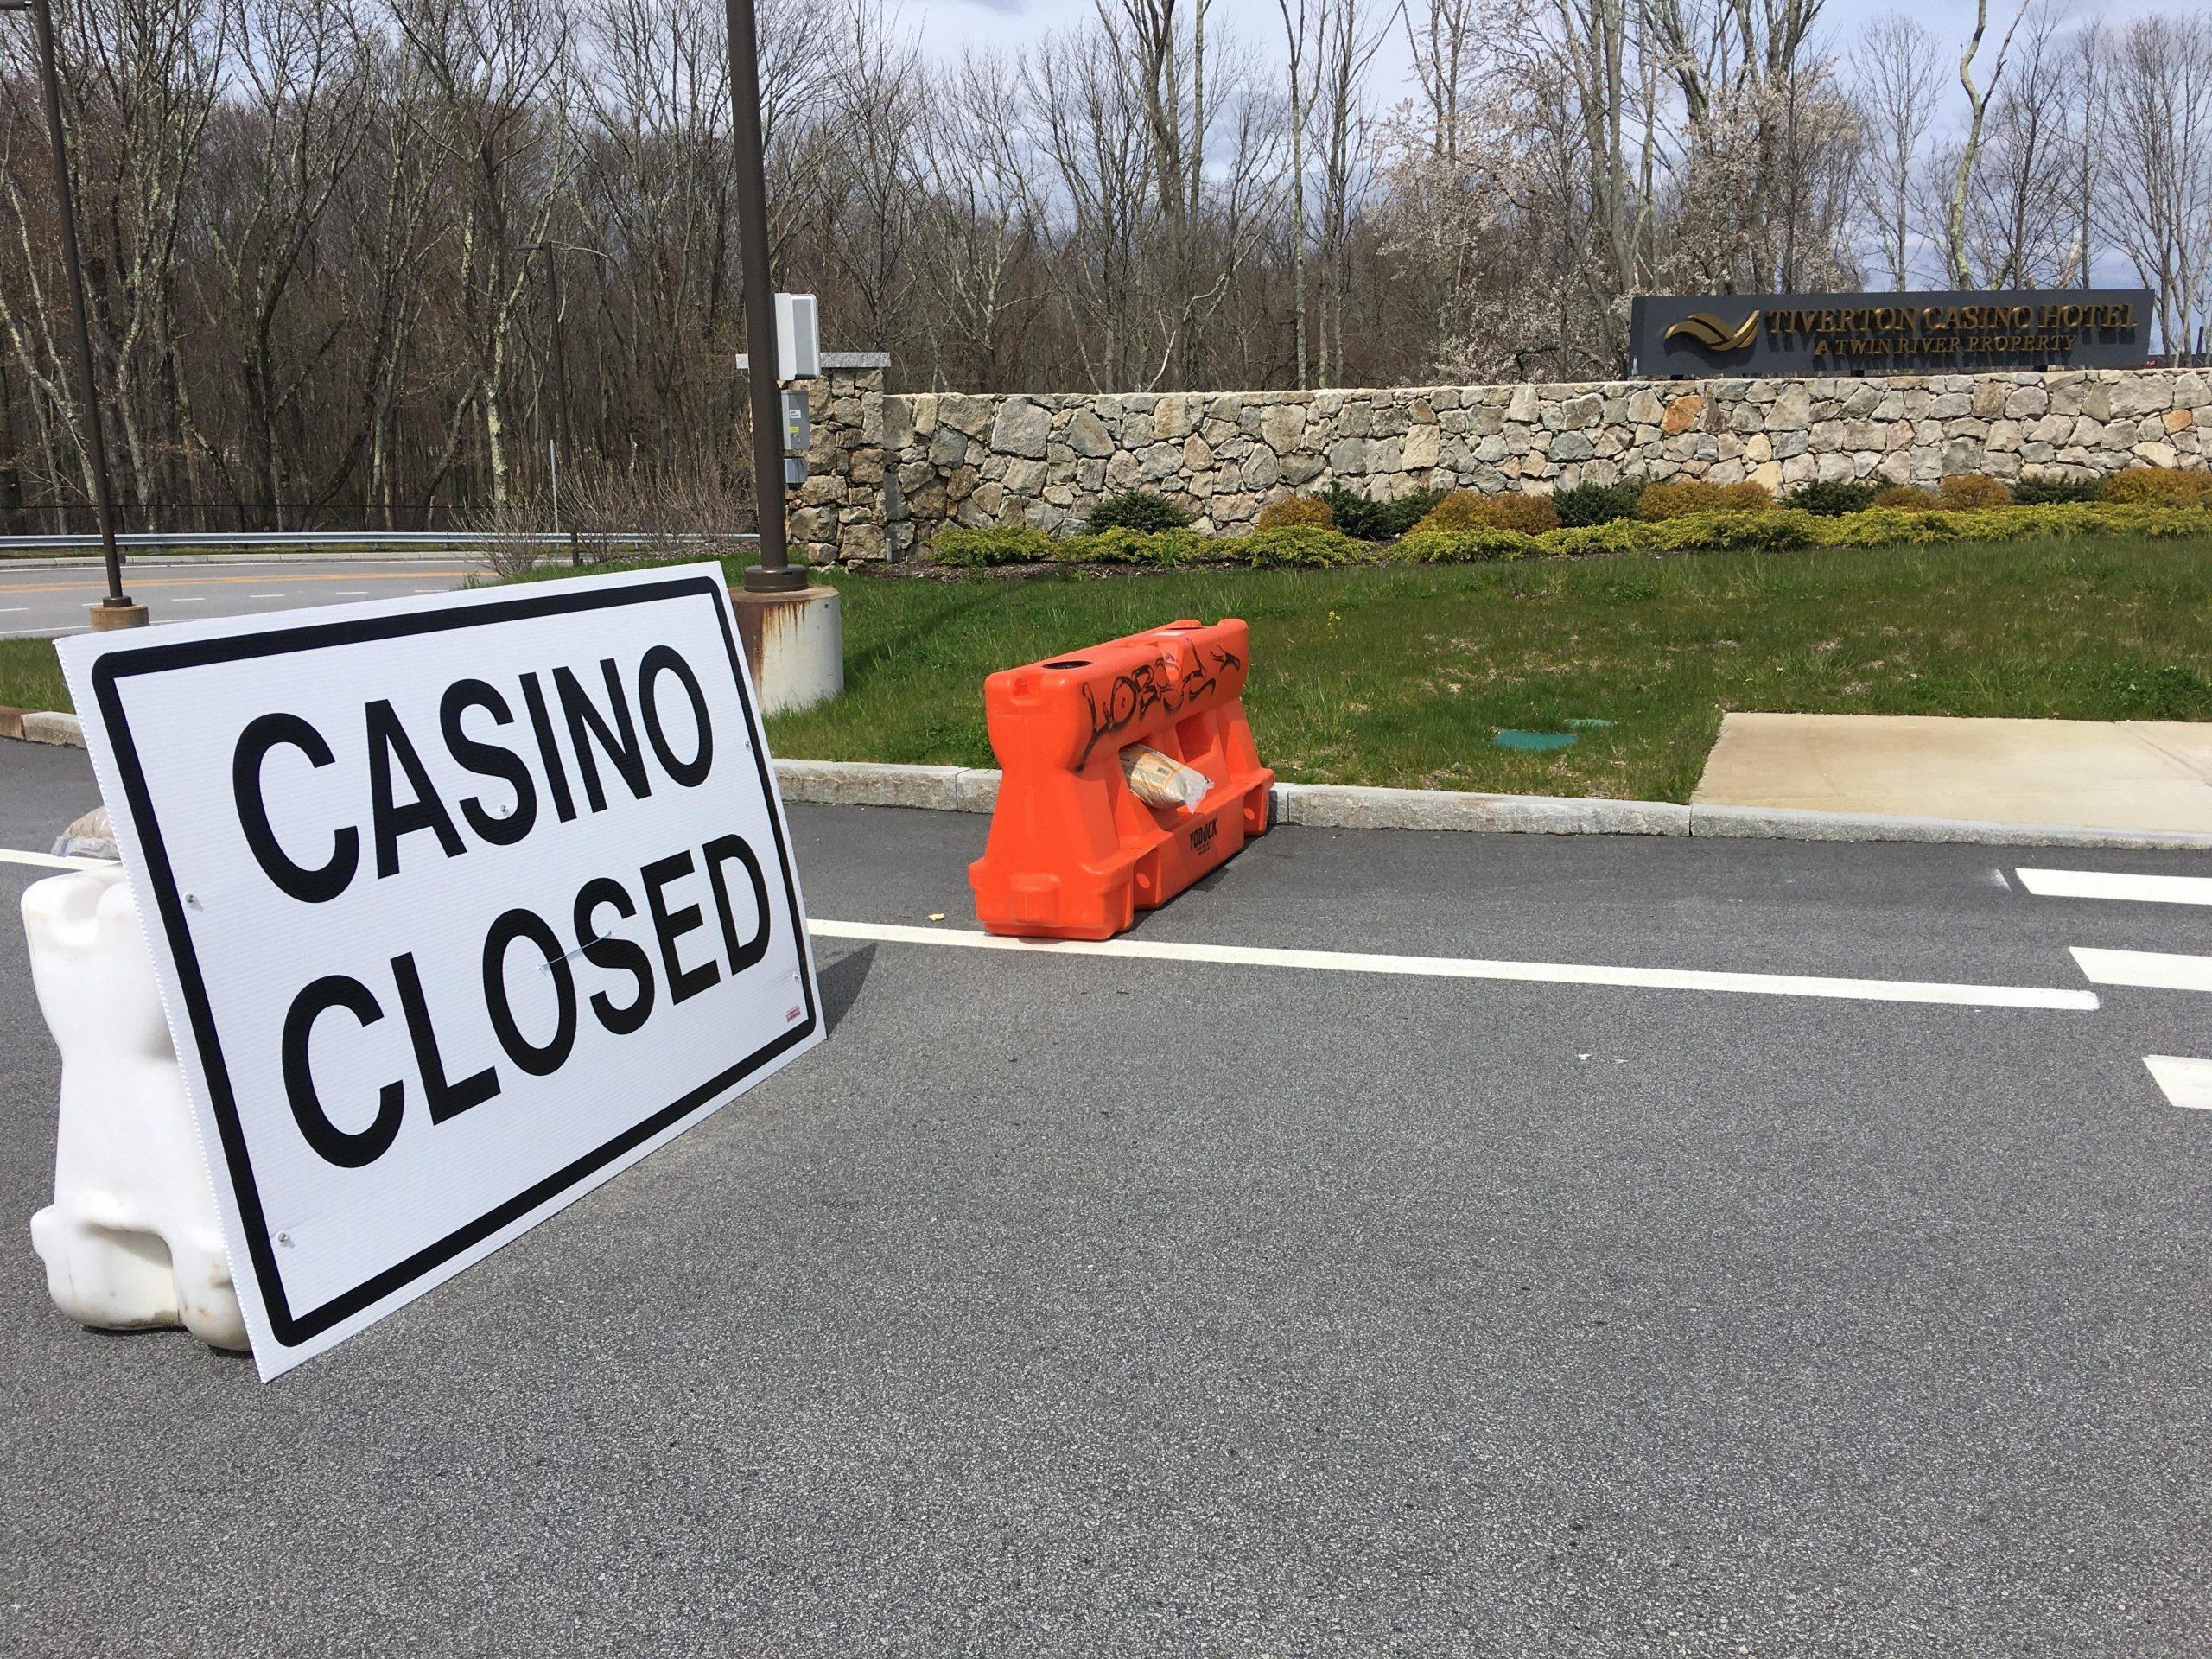 Negara tidak akan menghasilkan pembayaran kasino Tiverton - Berita - Berita Herald, Fall River, MA